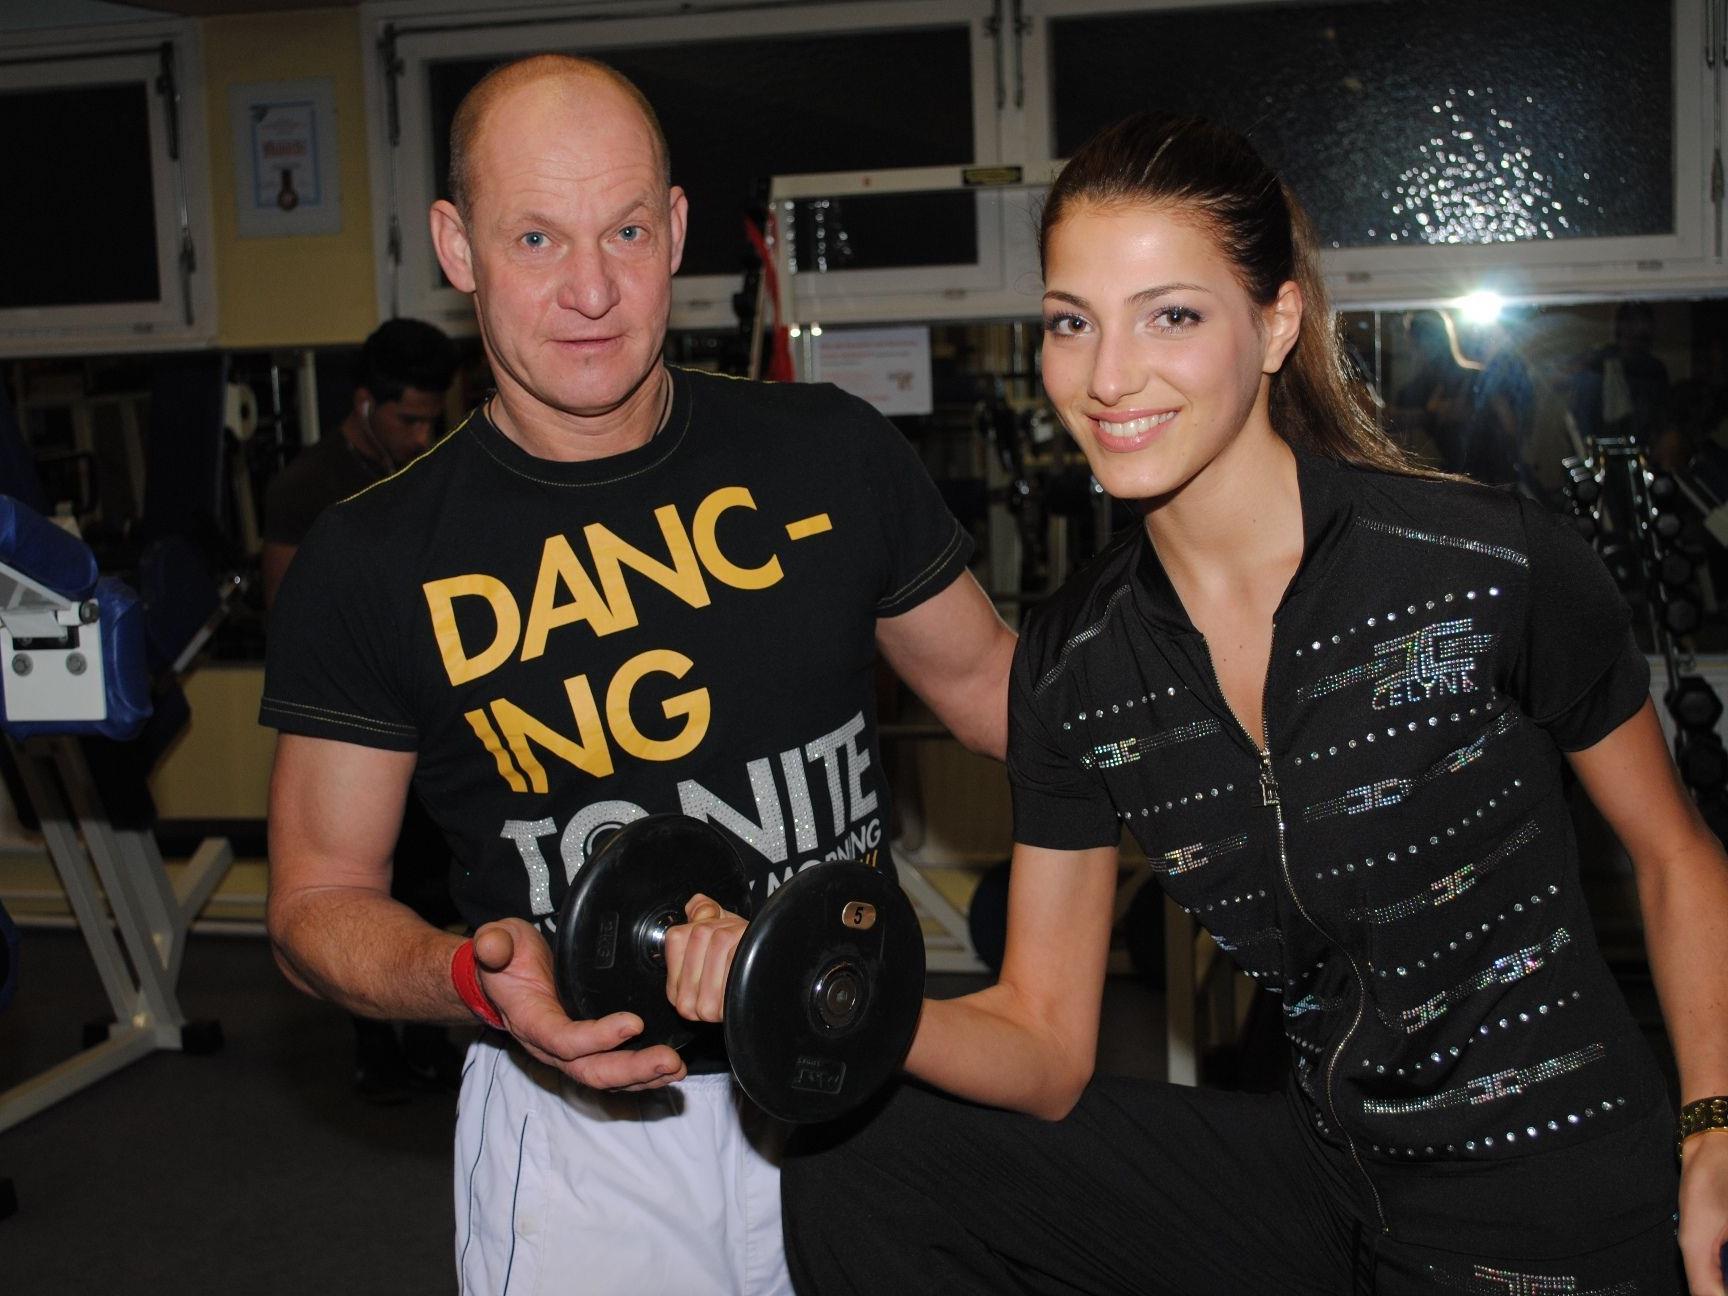 Uwe Schaaf trainiert Amina bereits seit einigen Monaten